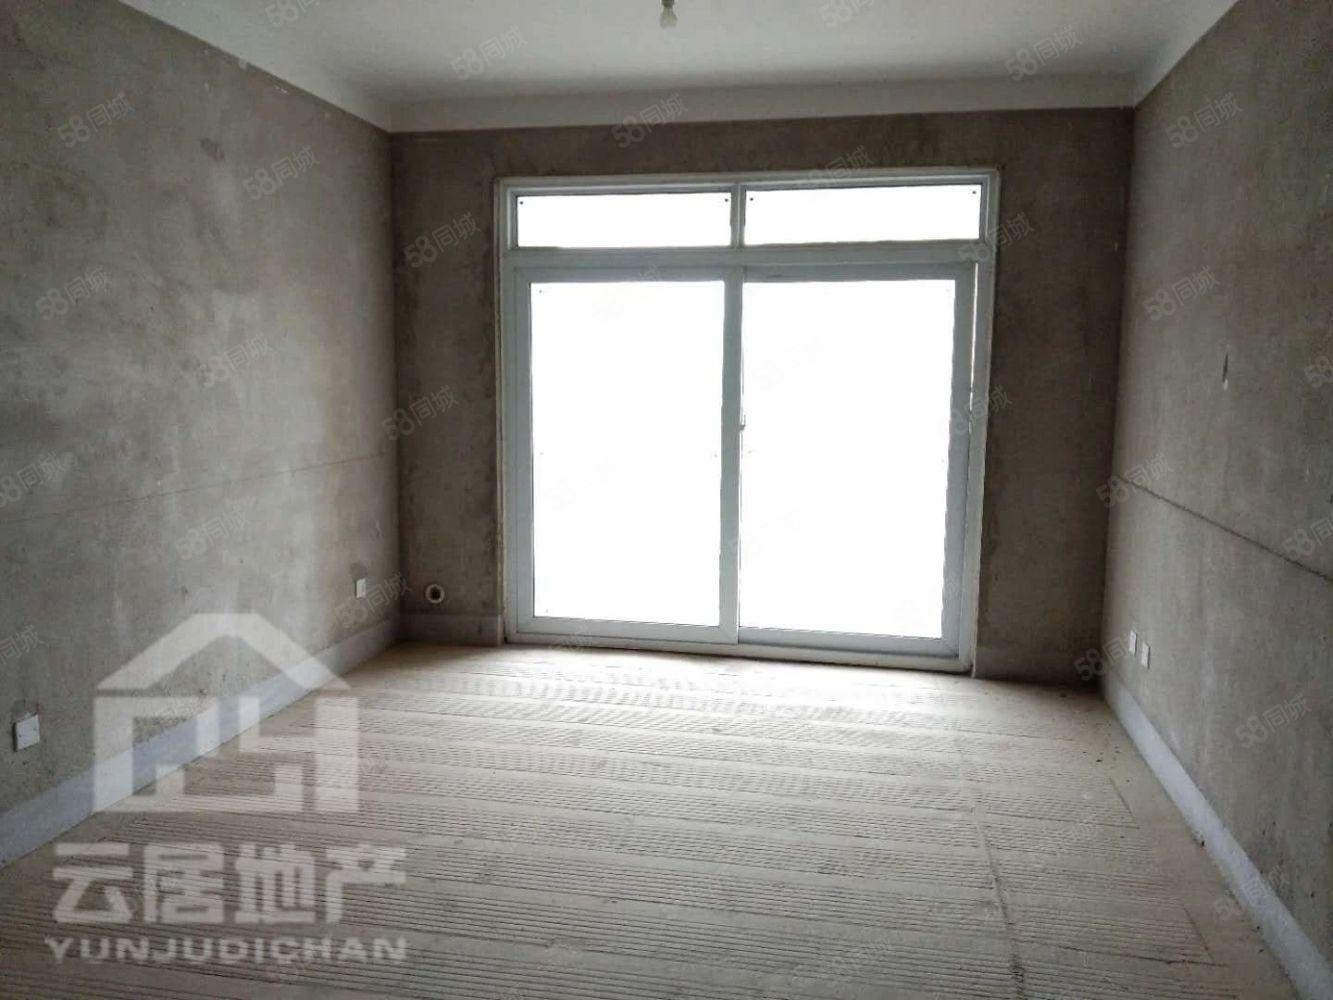 七彩城好楼层温馨三室可首付即可装修入住随时看房